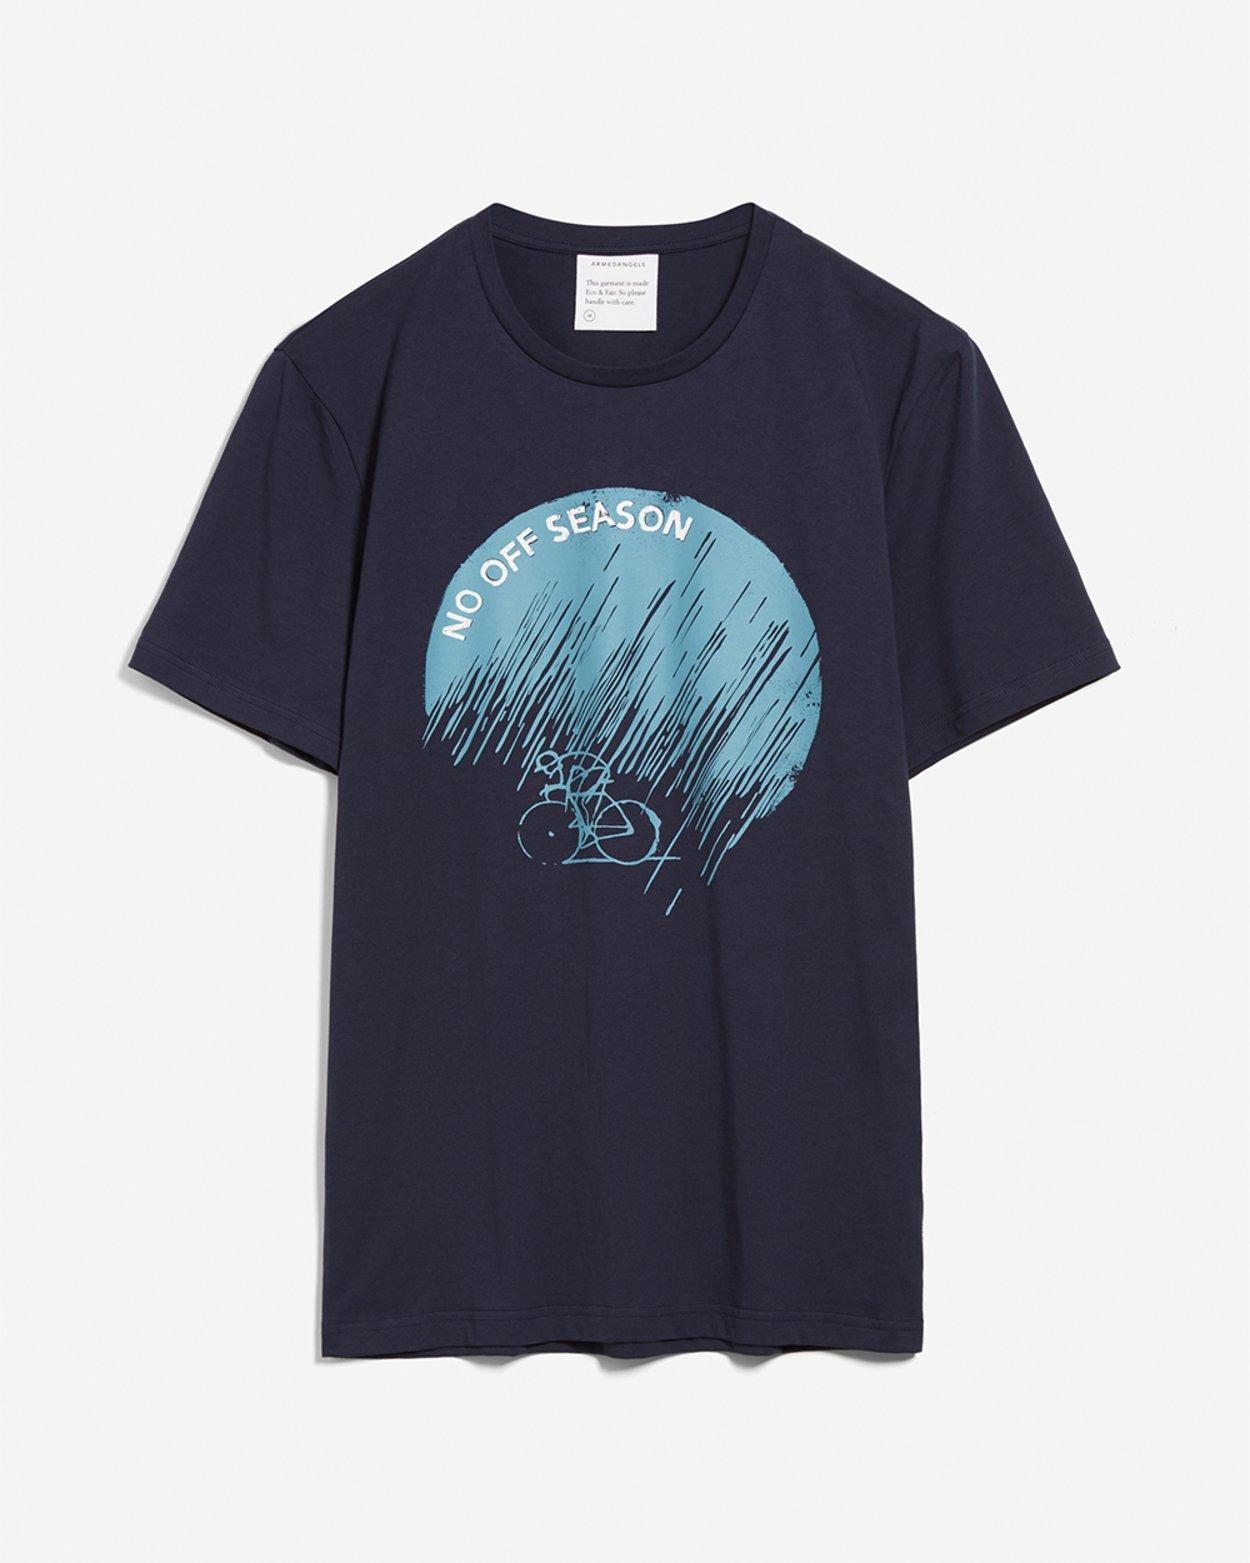 Jaames No Off Season T-Shirt